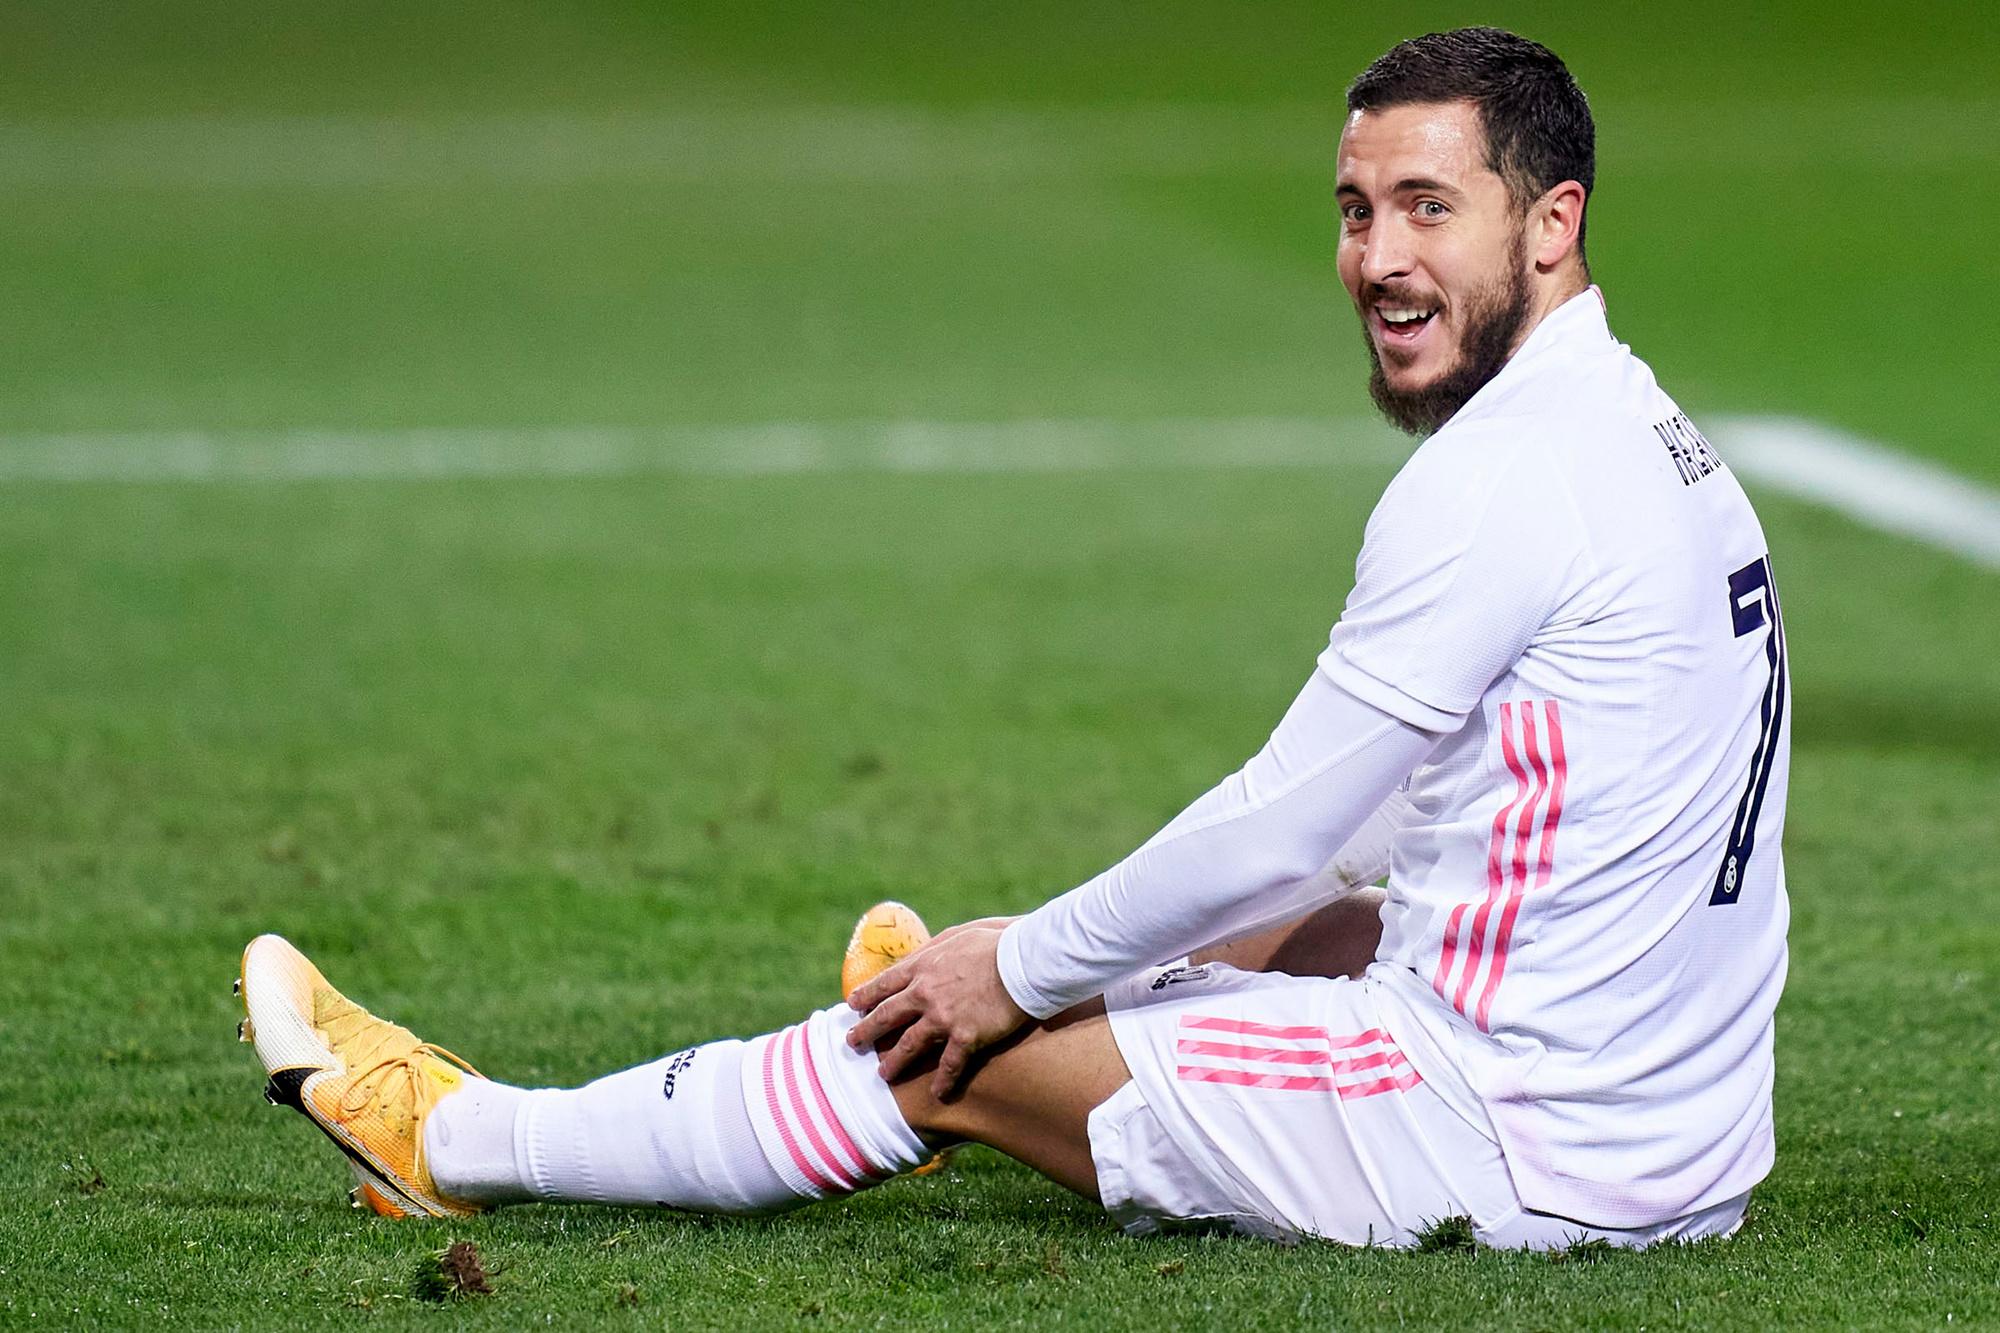 Eden Hazard, te chill voor de harde voetbalwereld?, GETTY